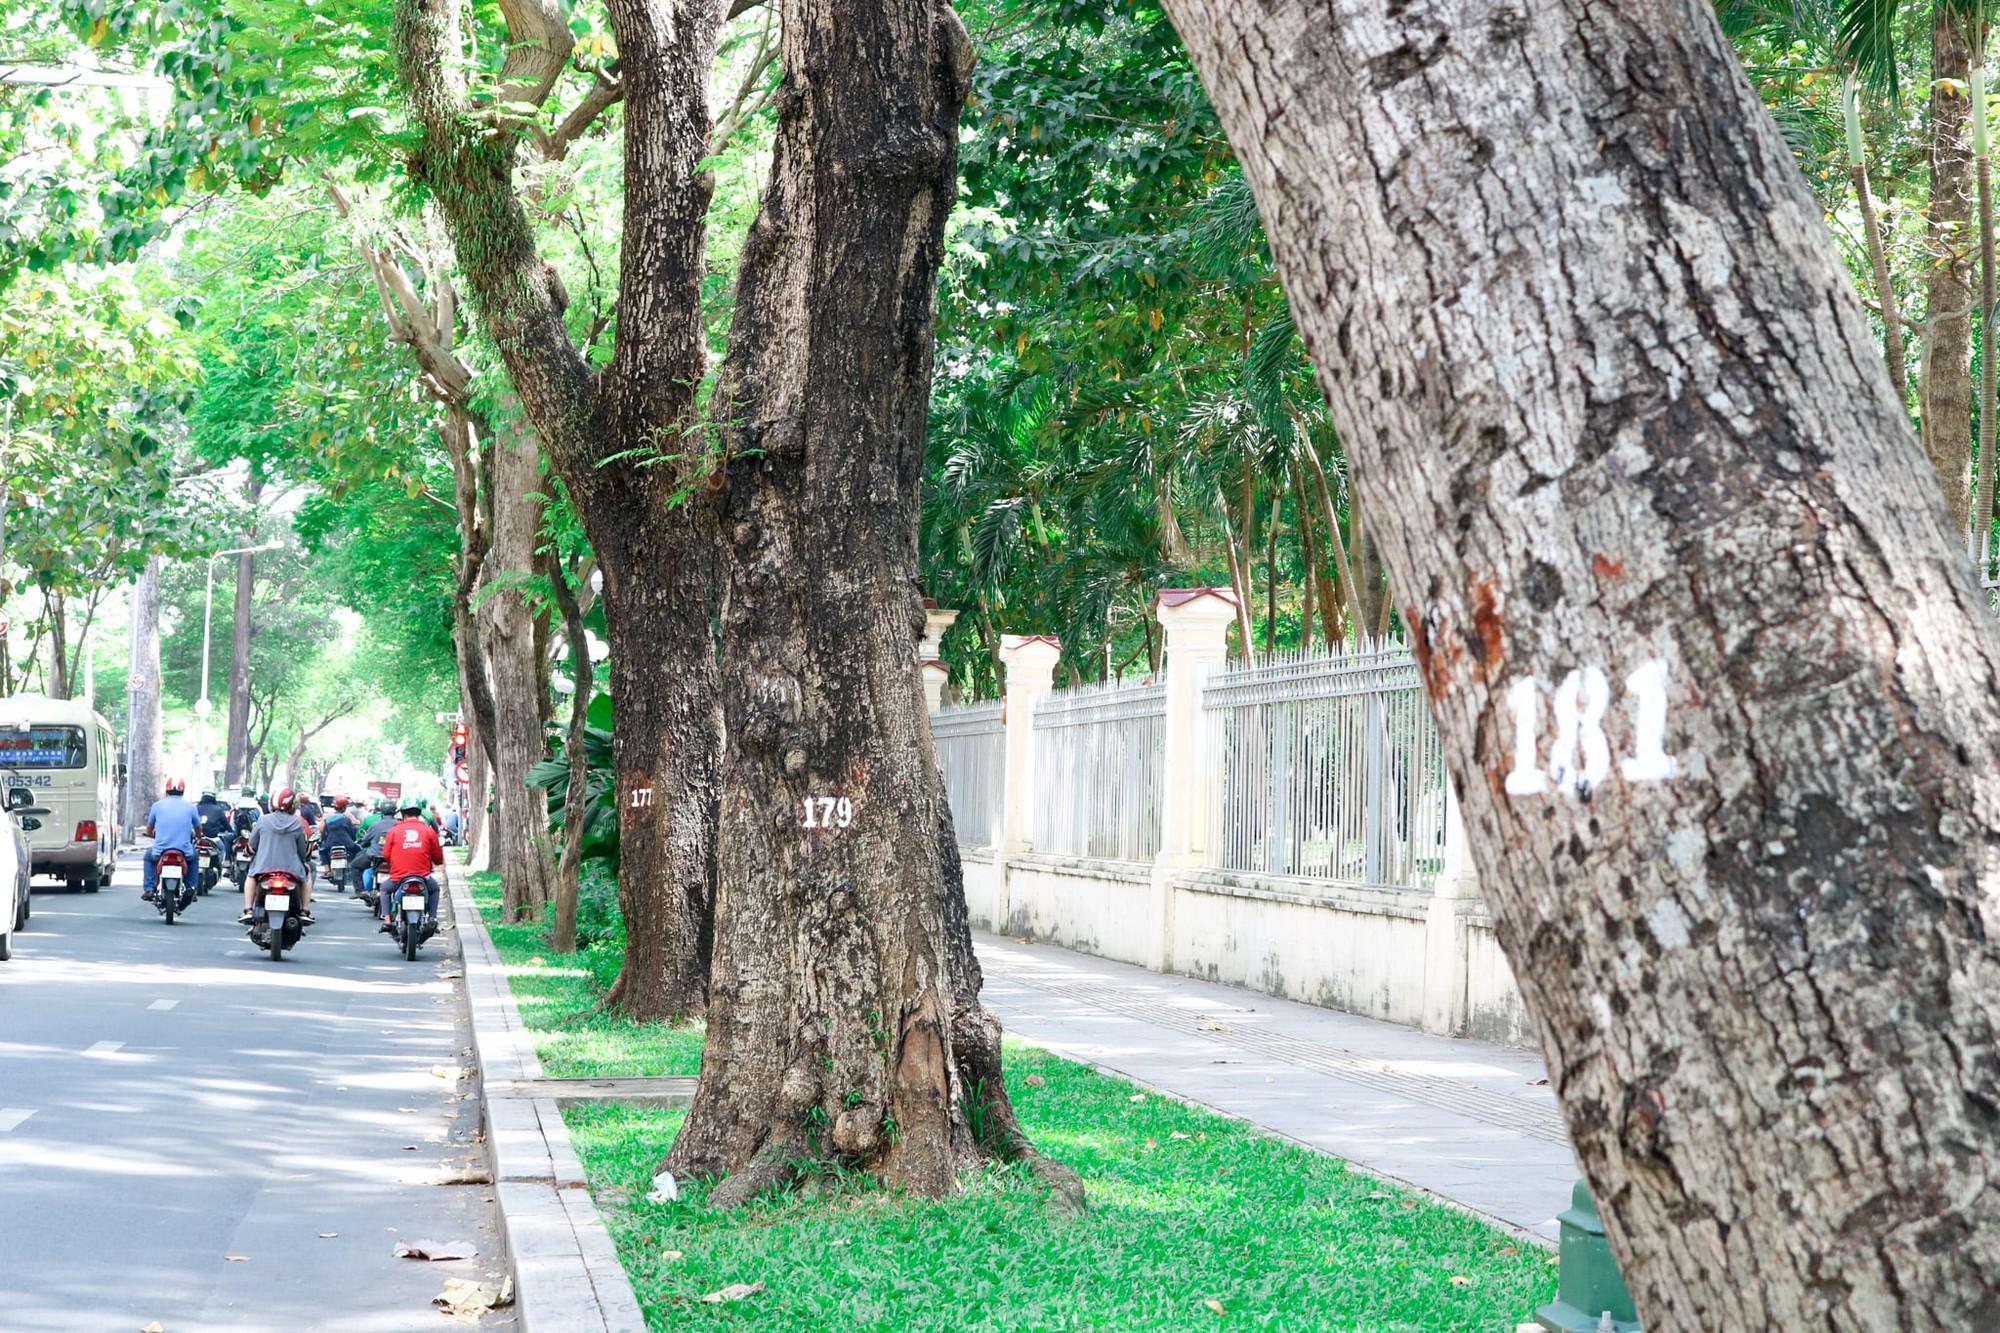 Tamarinds an integrated part of Saigon